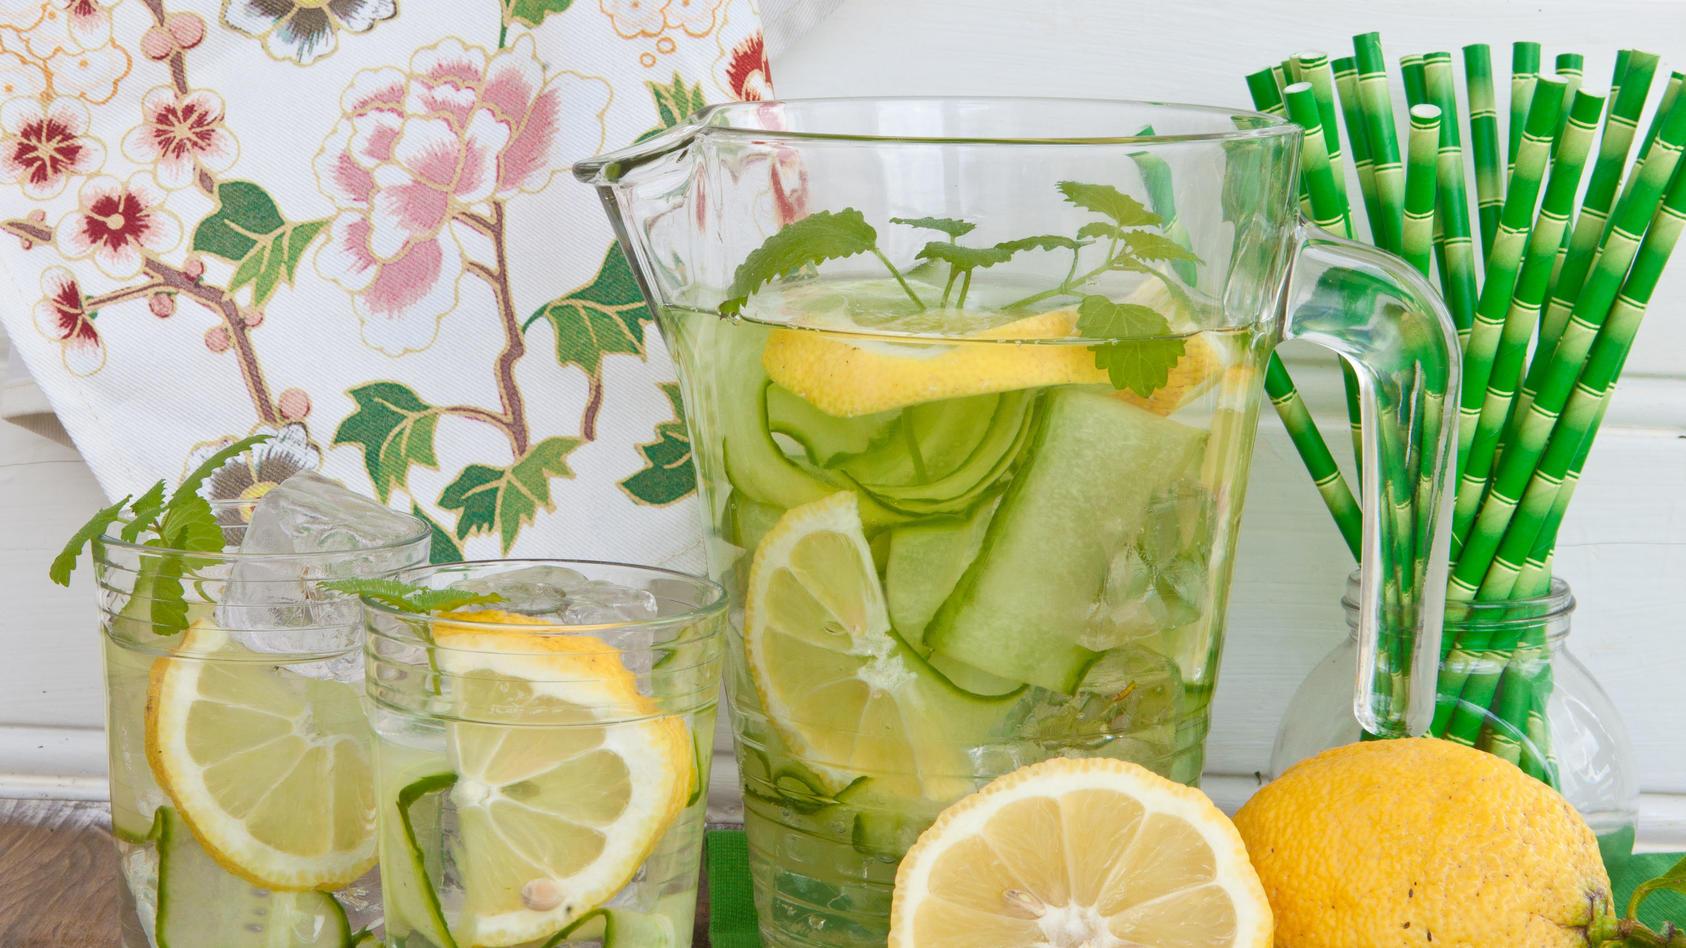 So einfach und so lecker: Gurke in Scheiben schneiden und einige davon ins Trinkwasser geben. Wer mag, kombiniert das Gurkenwasser noch mit Zitrone, Ingwer oder Minze für den extra Frischekick.